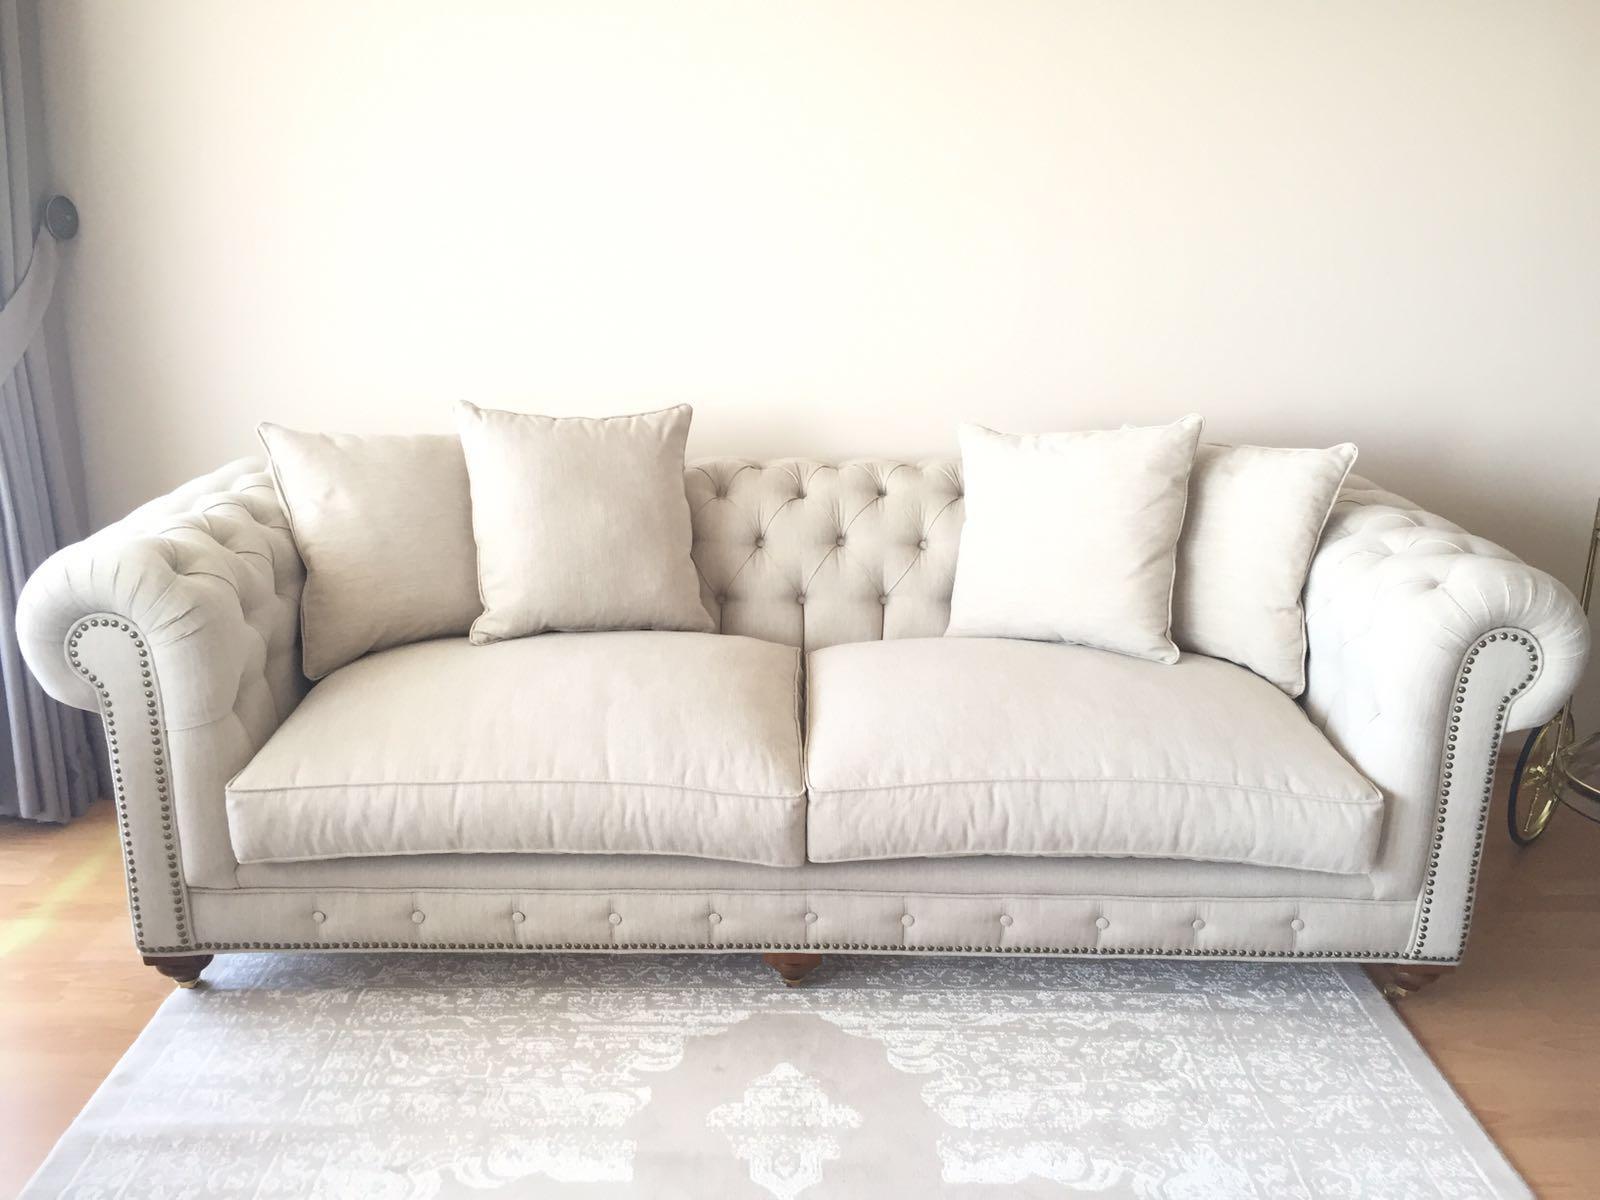 Keten kumaşlı chester koltuk takımı son derece kaliteli bir üründür dokuma kumaş tan imal edilmiştir,yirmi yıl kusursuz kullanacağınız şekilde imal edilmiştir,son derece zarif bir üründür pirinç ayak kullanılabilir ya da kullanılmaya bilir yine koltuğun kenar kısımlarında ki kabara yapılmayabilir,istenilen ölçü yapıldığı gibi chester koltuk takımı evinizin ölçüsüne göre de imal edilebilir,farklı kumaş alternatifleri vardır,isterseniz nubuk deri ve ya suni deri de üretilebilir bunun yanın da hakiki deri olarak da chester koltuk takımı üretilebilir.İskelet ömrü yirmi yıldır,farklı tarzda koltuklar ile grup yapılabilir.